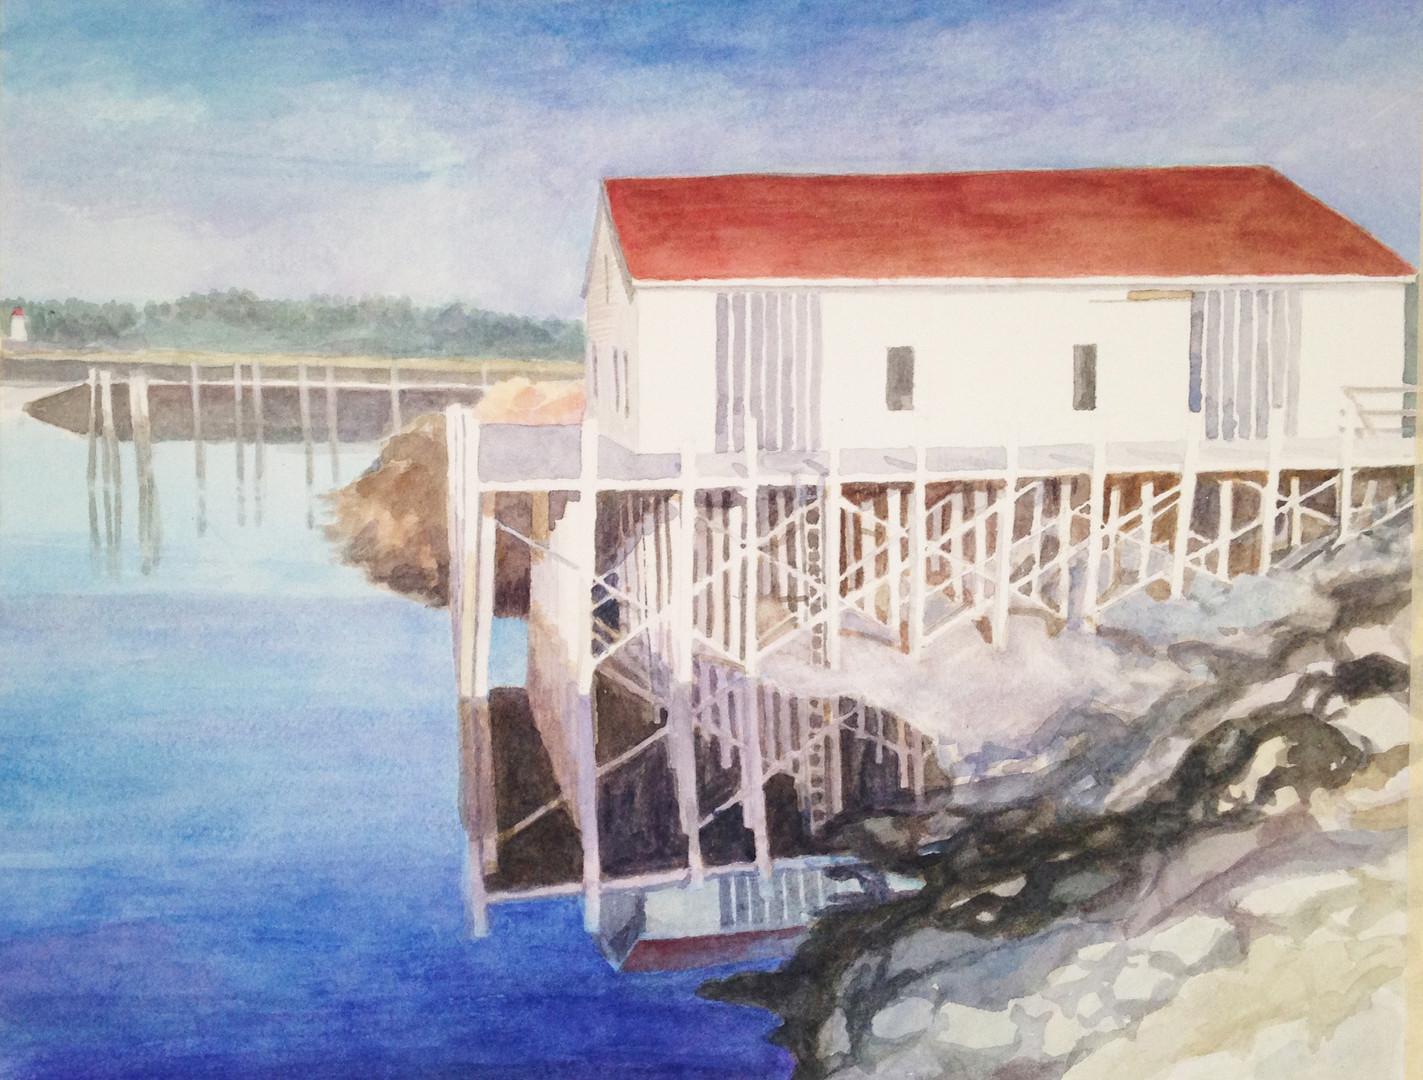 Blue Lubec Harbor